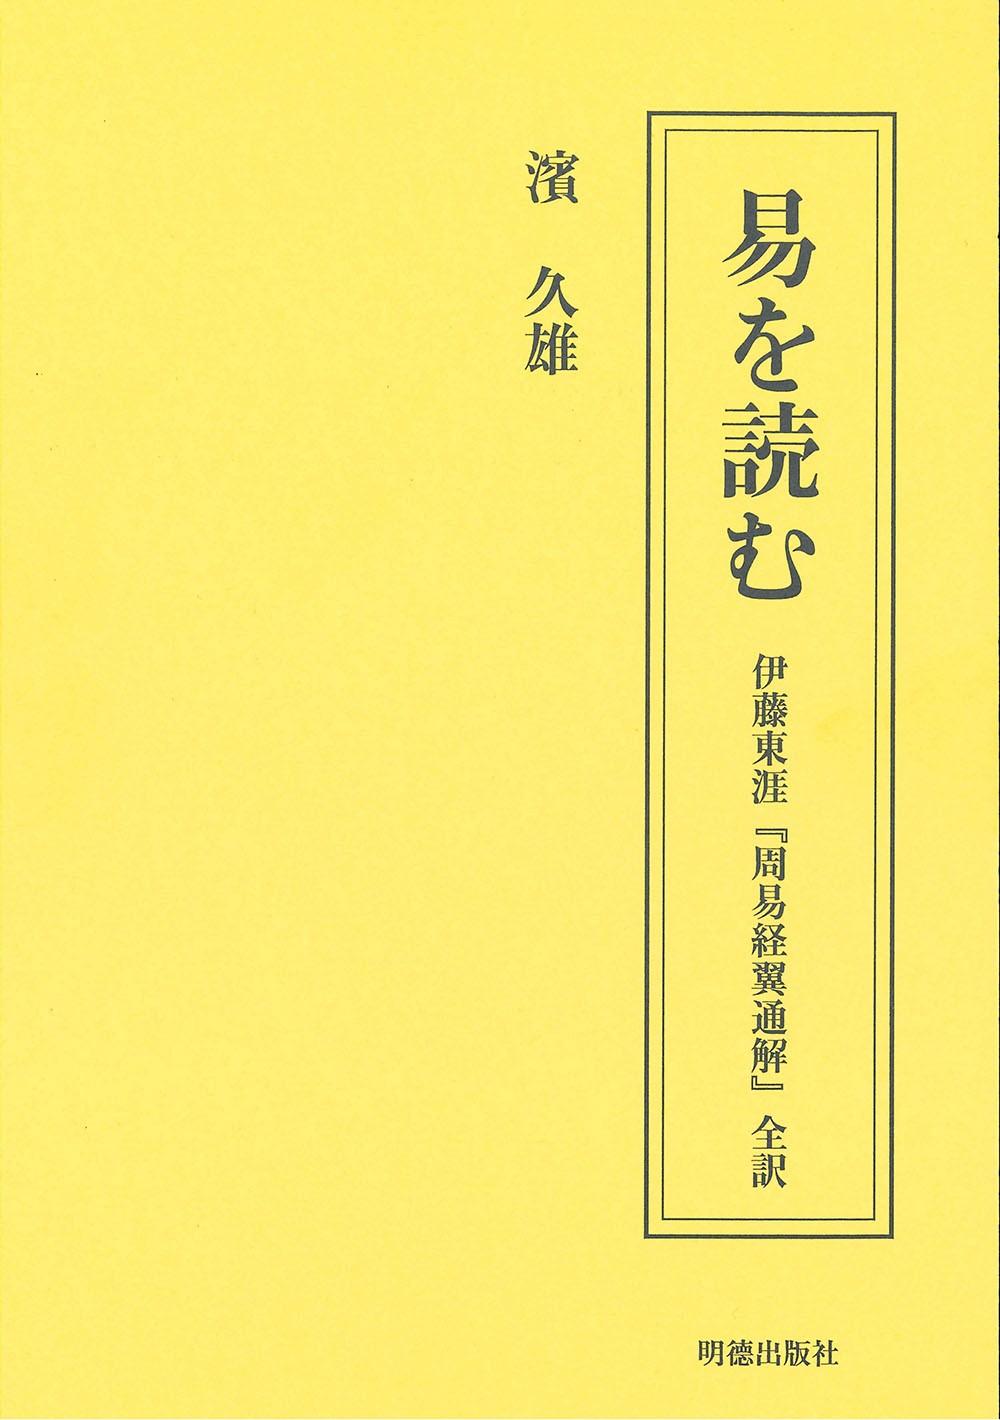 易を読む 伊藤東涯『周易経翼通解』全訳 861